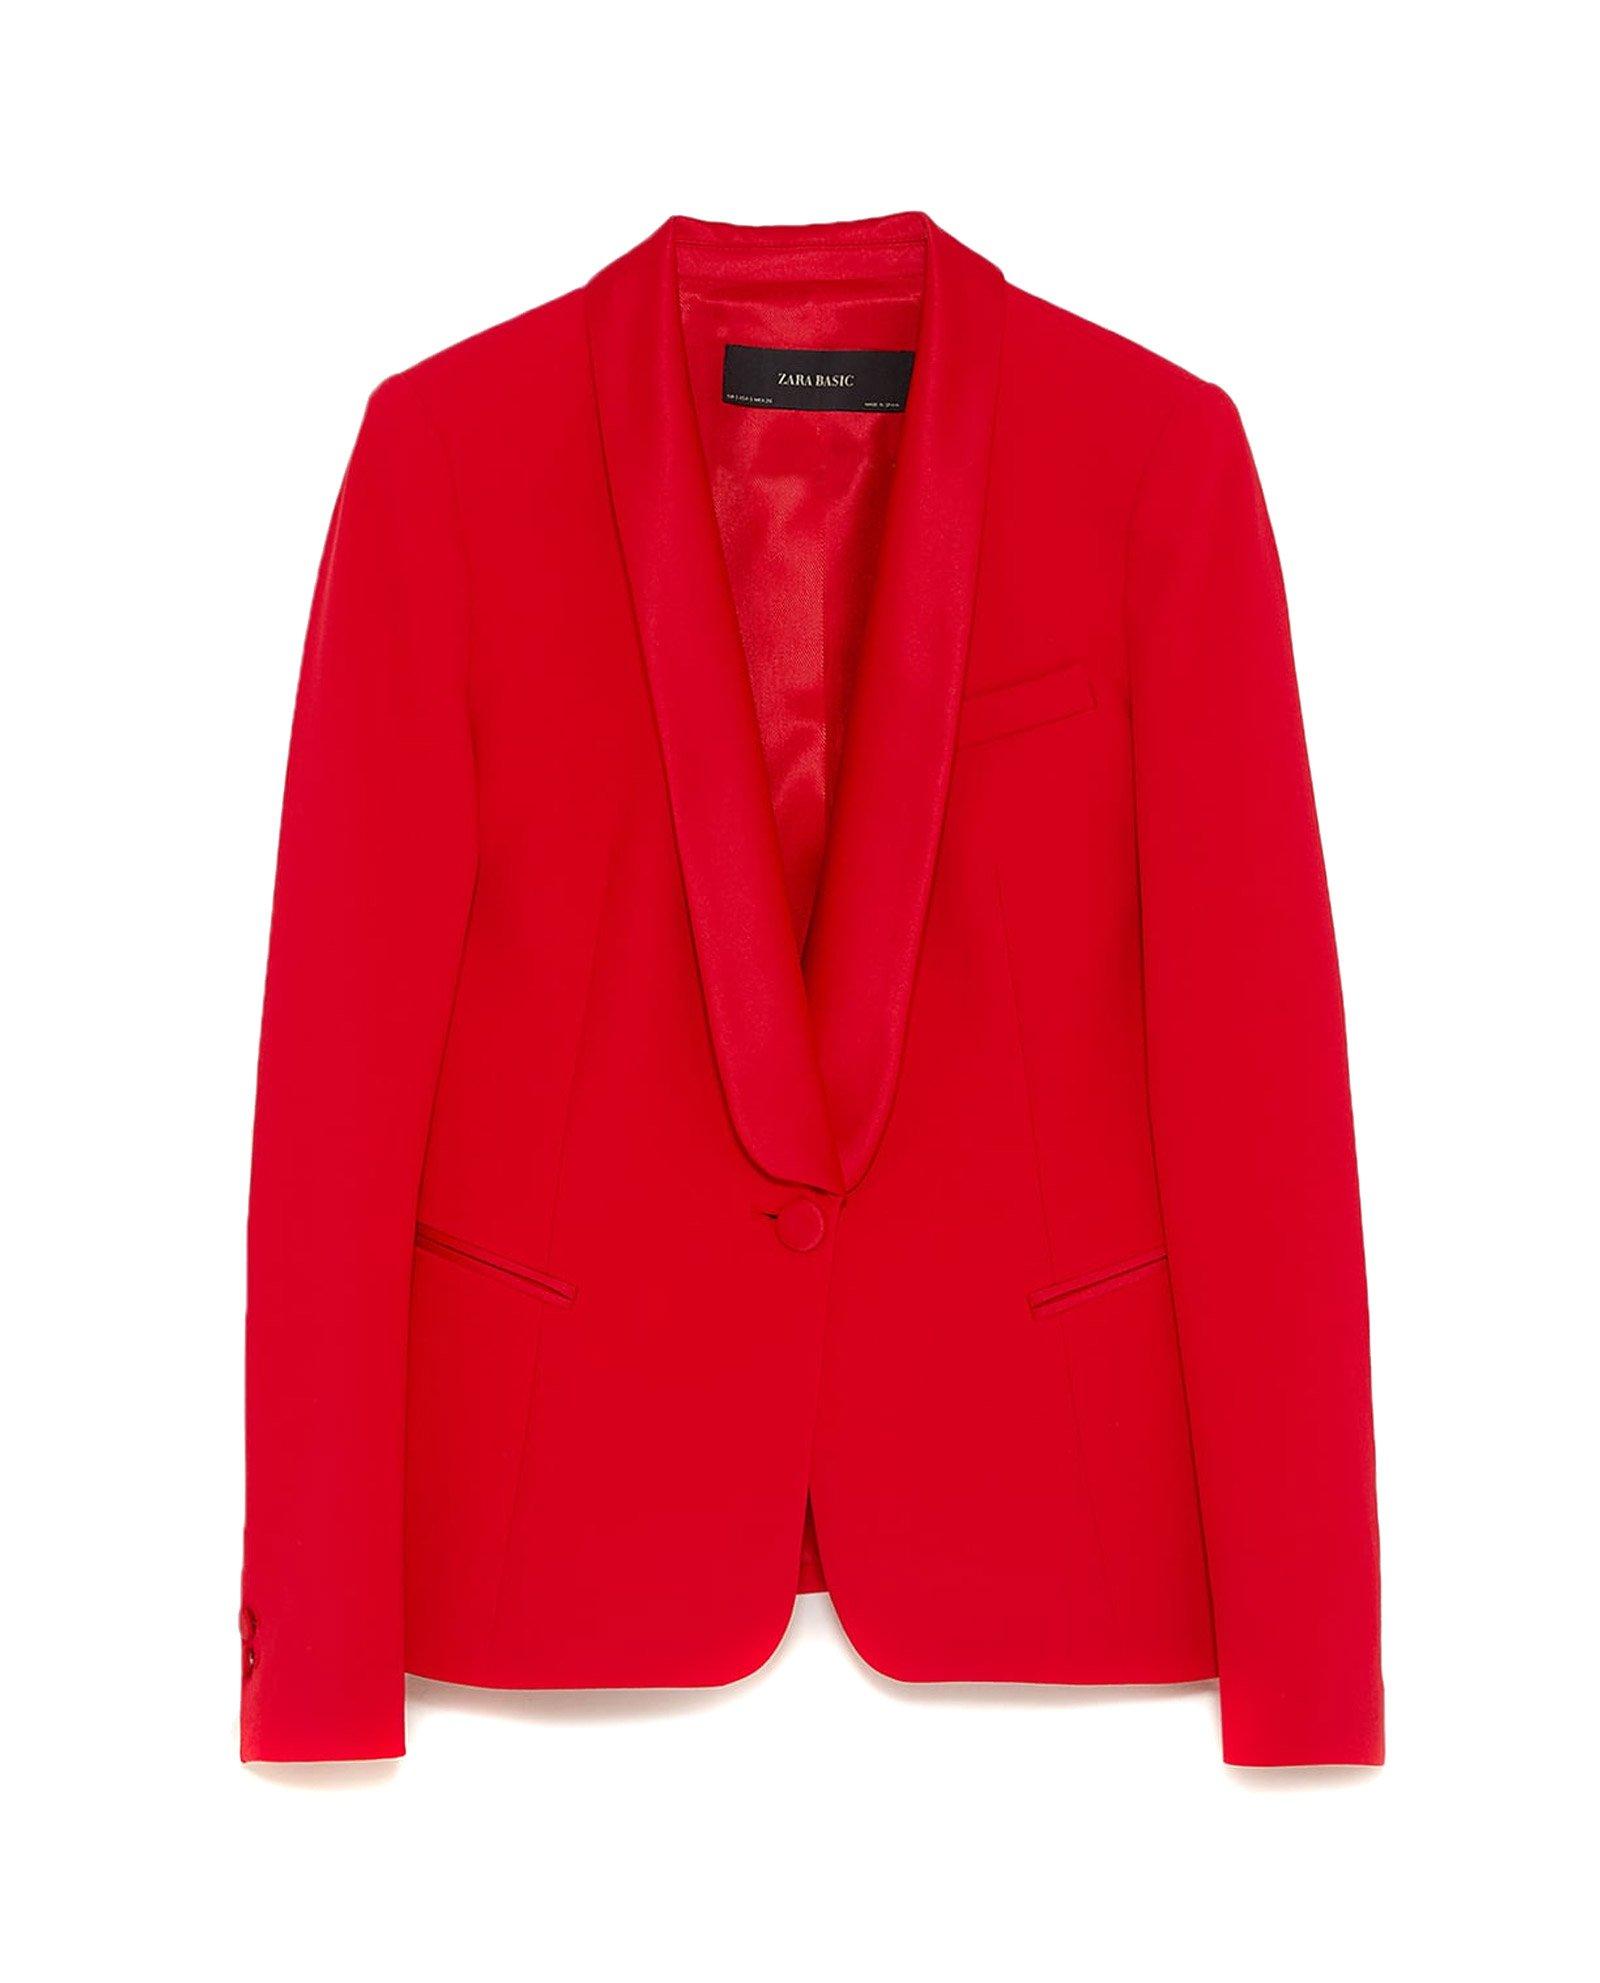 Zara Women Tuxedo Style Blazer 2173/783 (Medium)